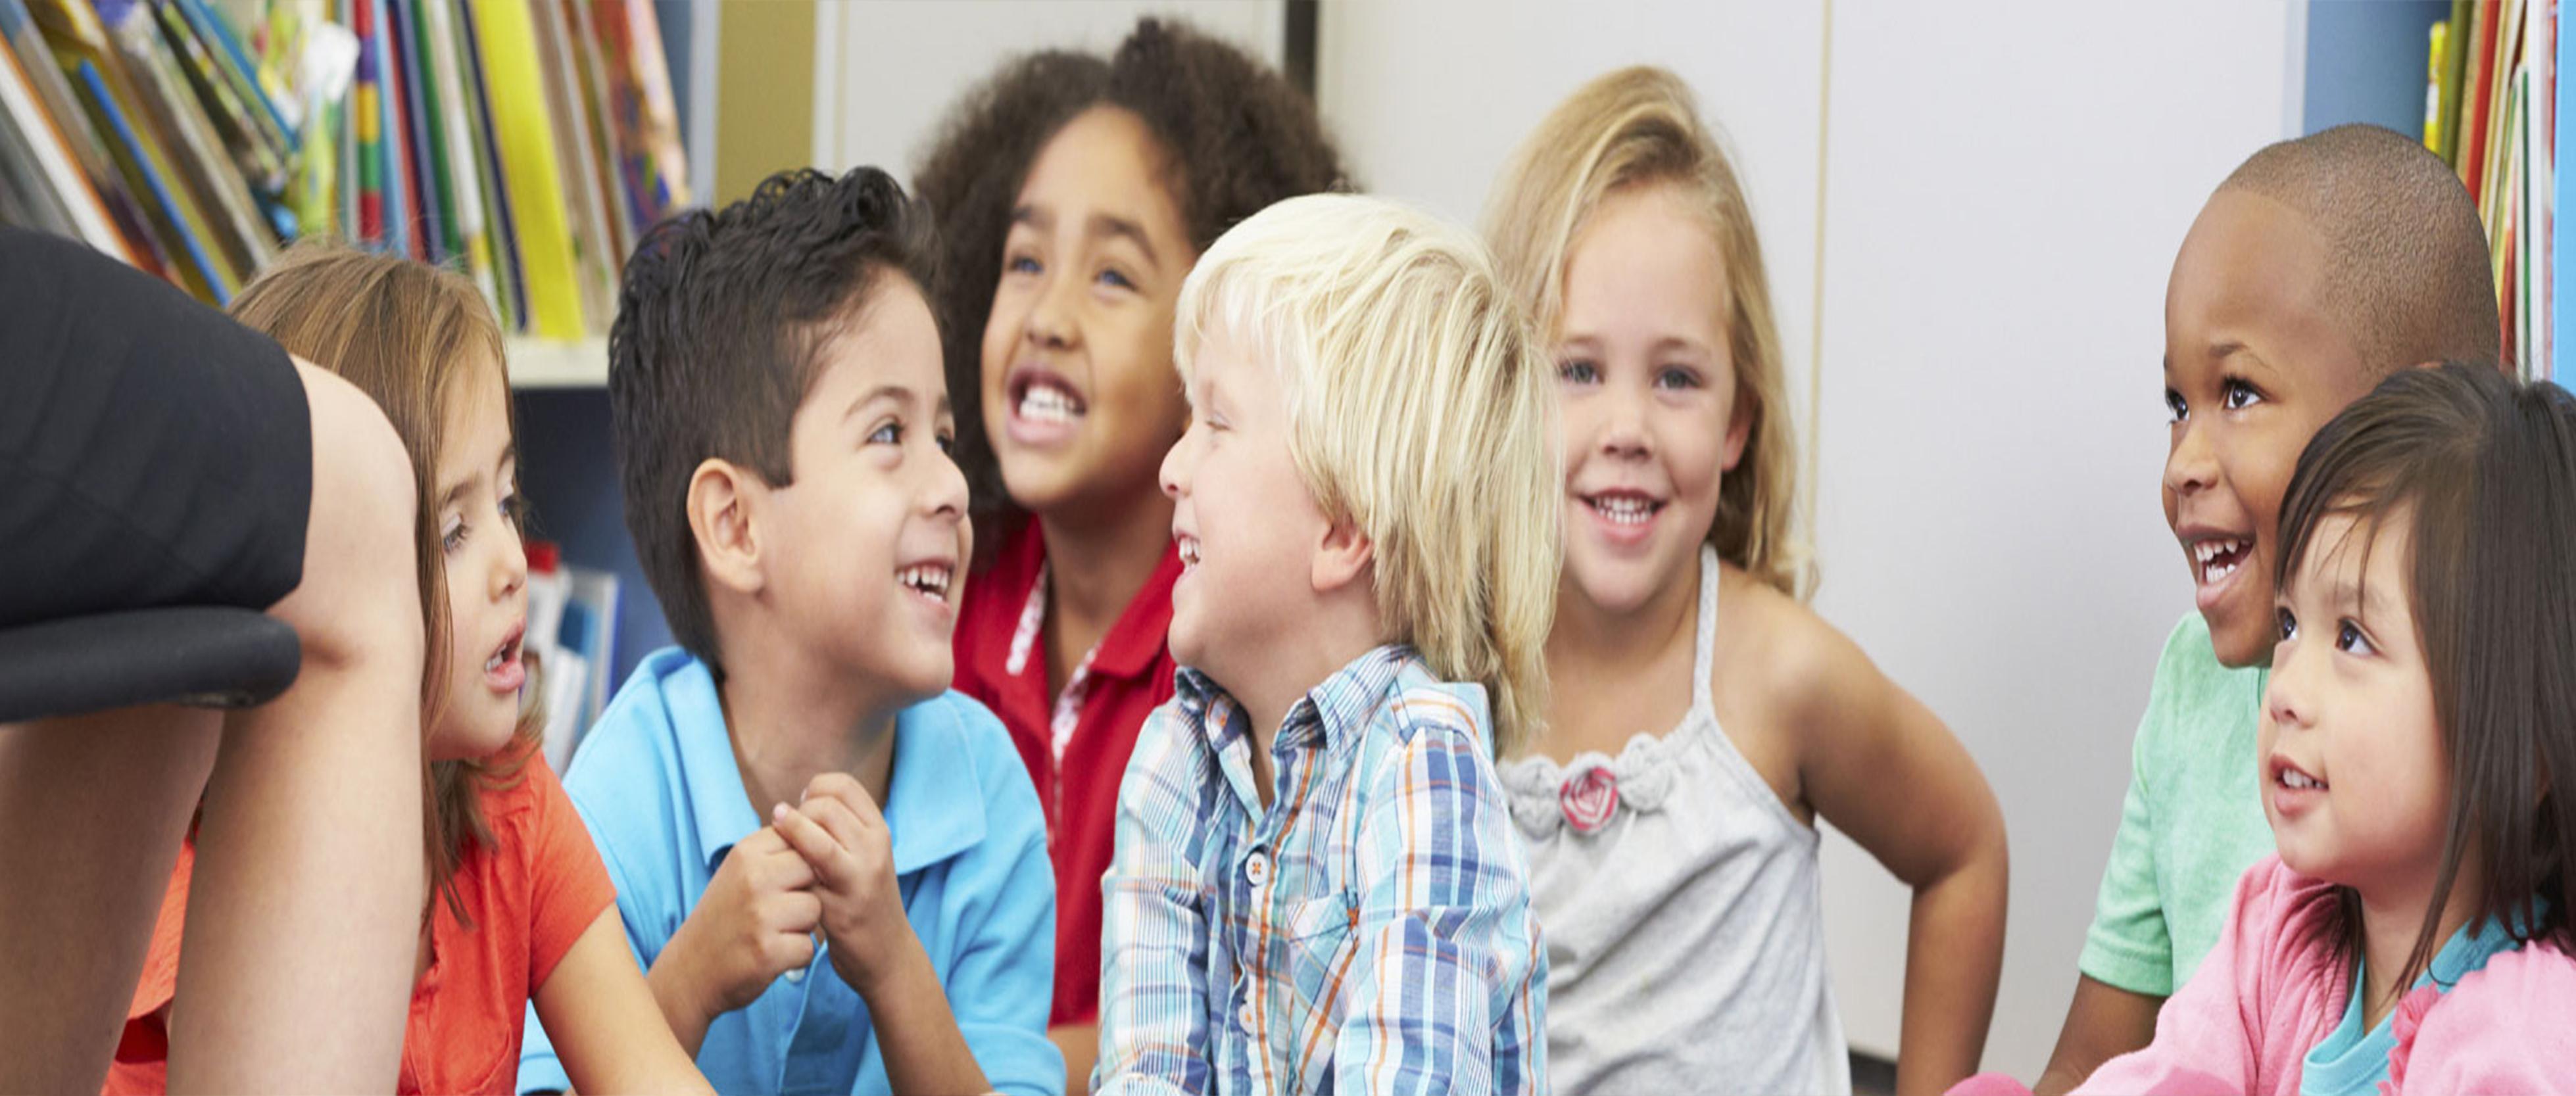 لأي مدى تكون أول 7 سنوات من حياة الطفل مهمة ؟